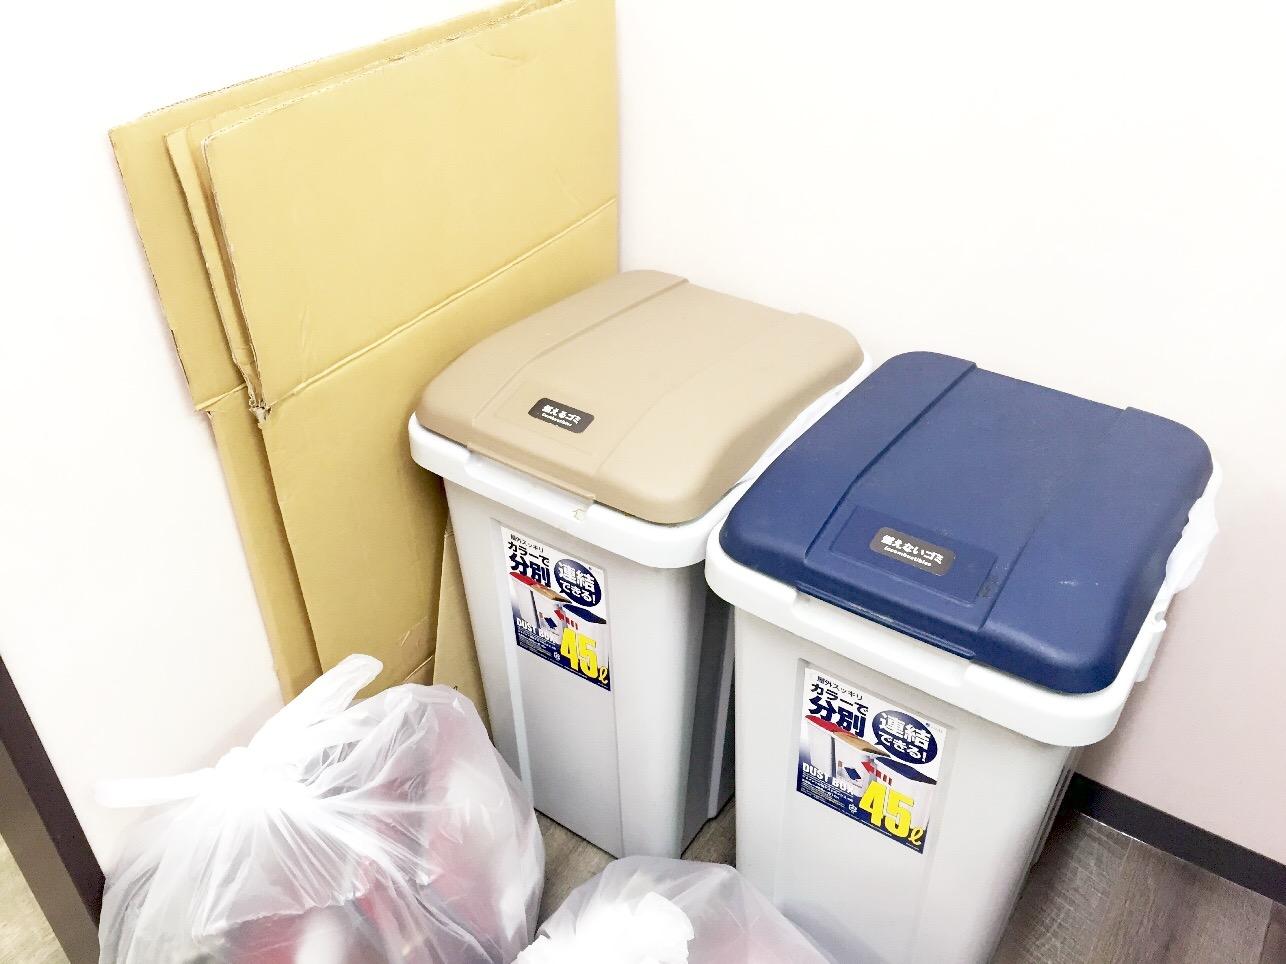 「ゴミ袋やレジ袋」すっきり収納するアイデアを教えて!